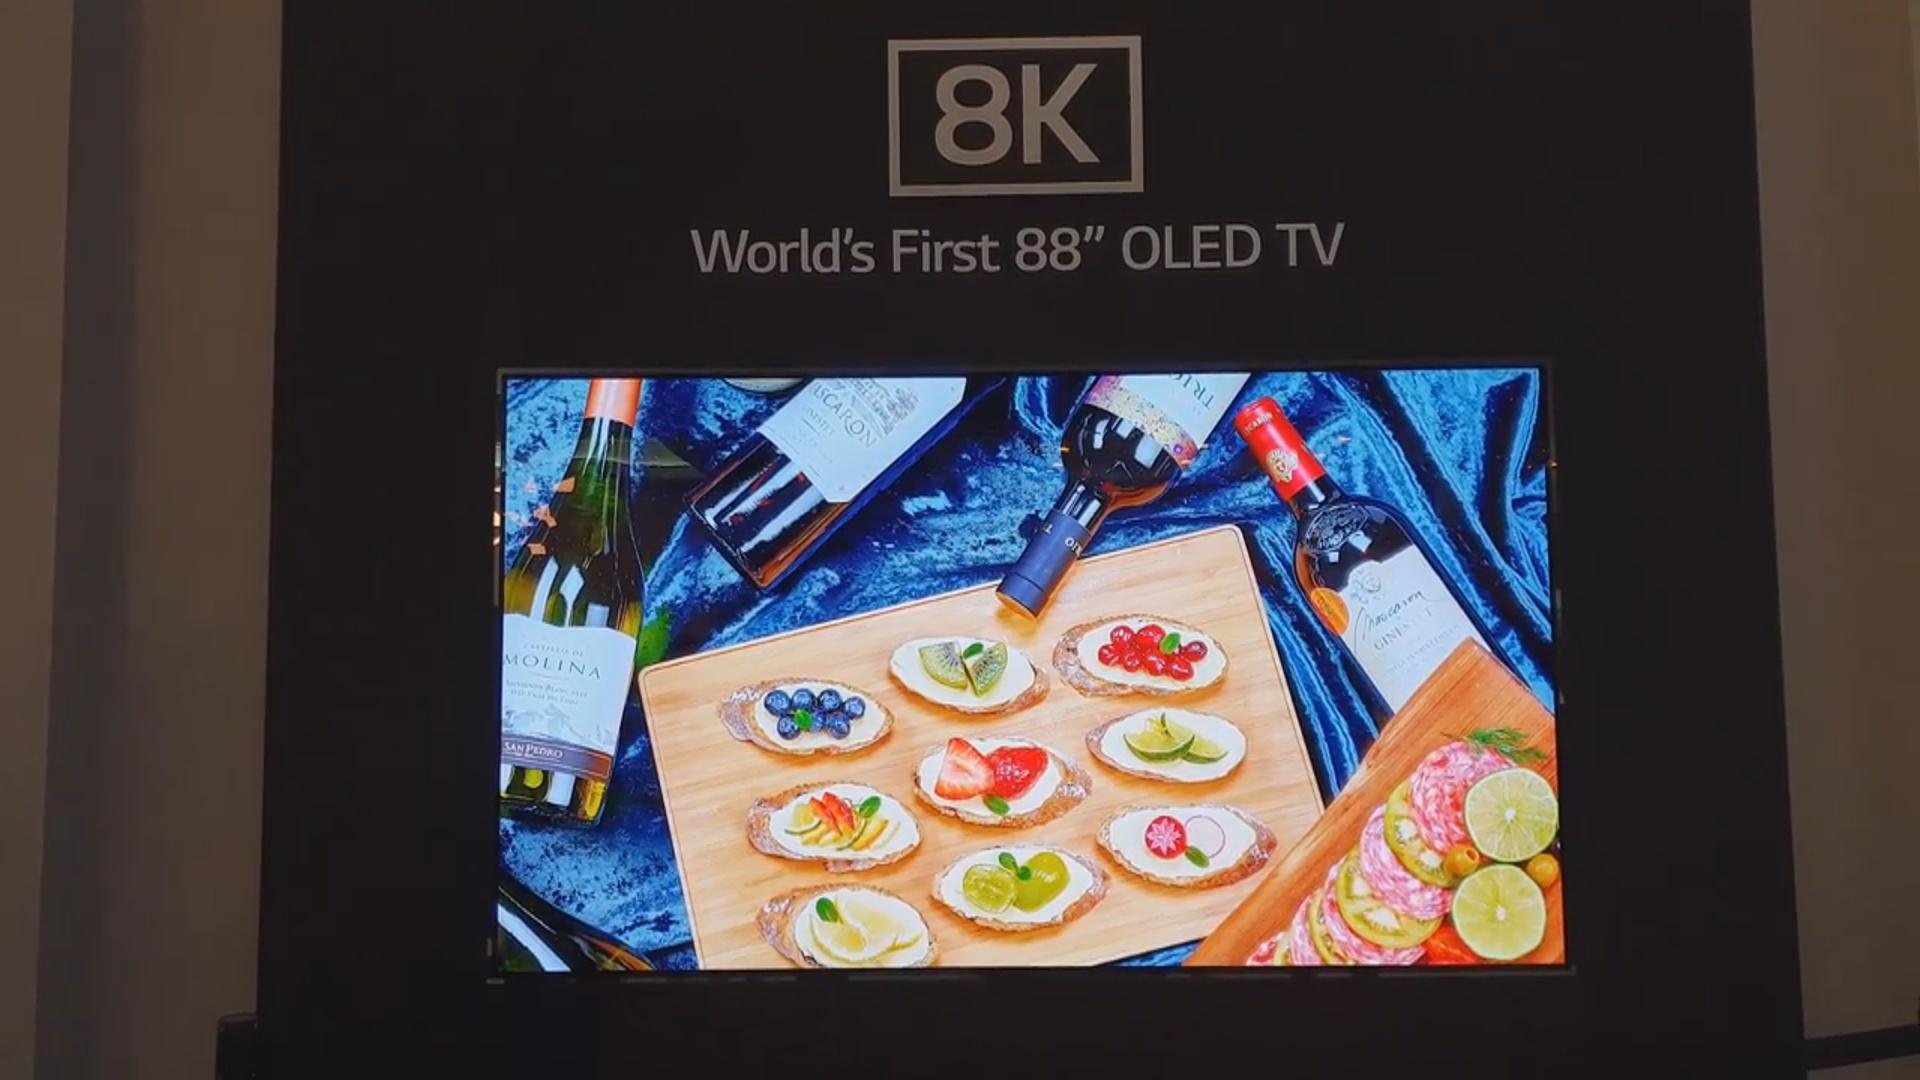 İlk 8K təsvir ölçülü OLED televizor nümayiş olunub